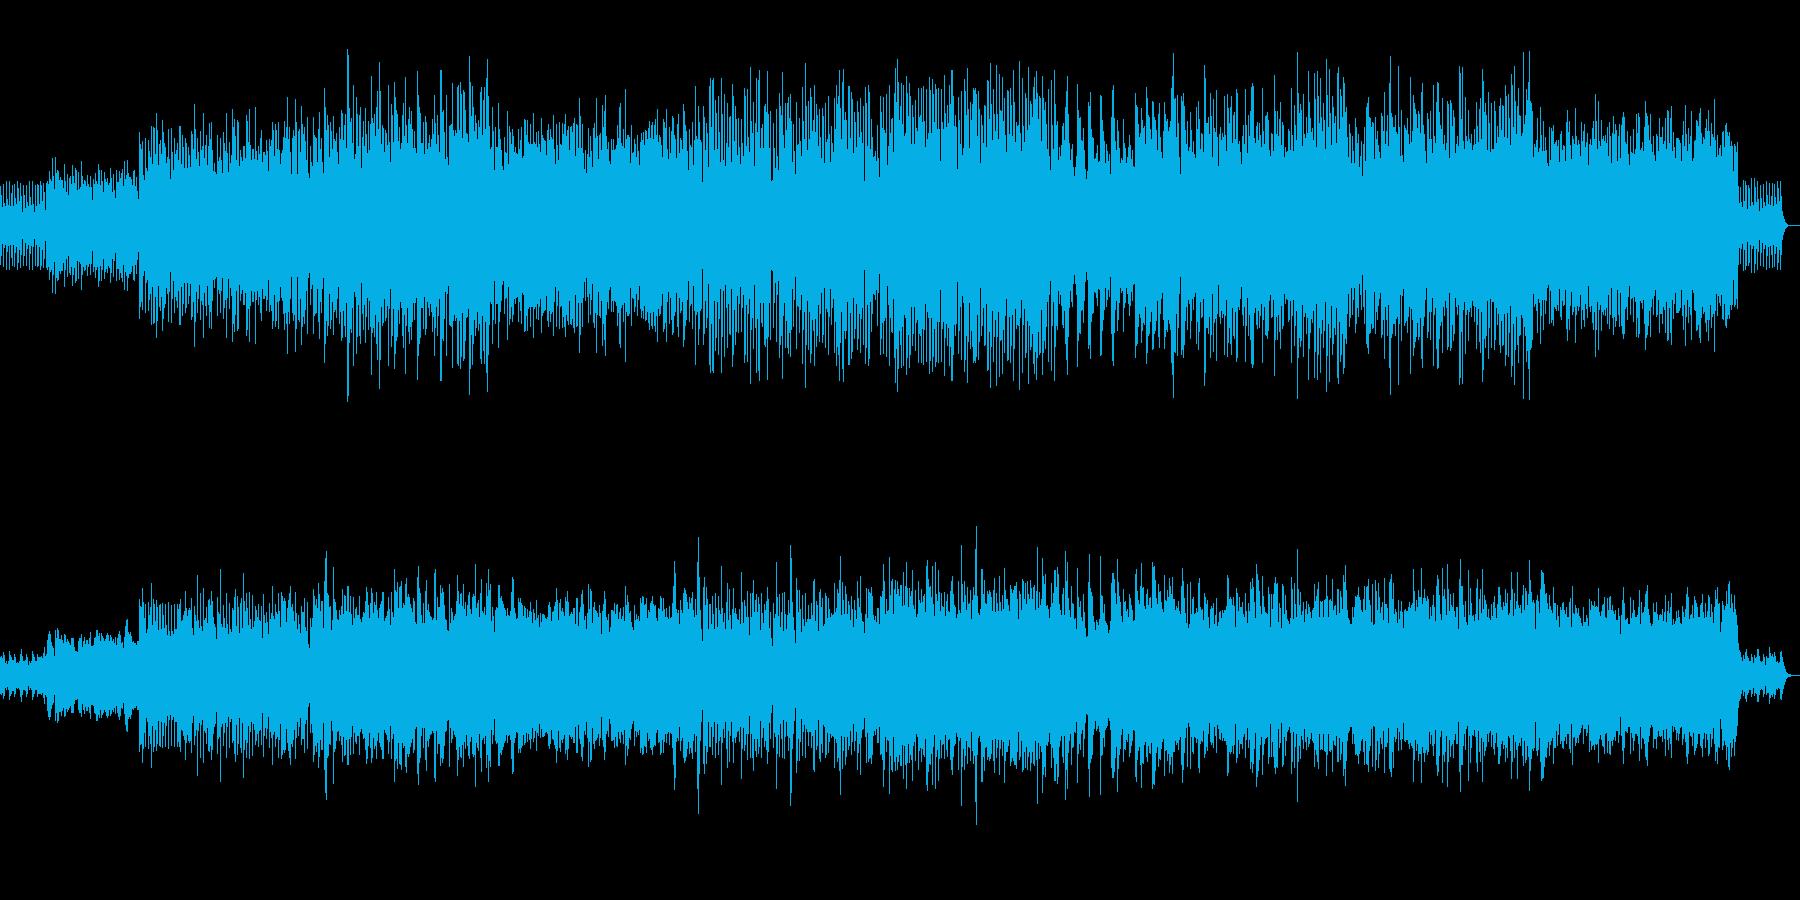 田舎の夏をイメージしたピアノ曲の再生済みの波形